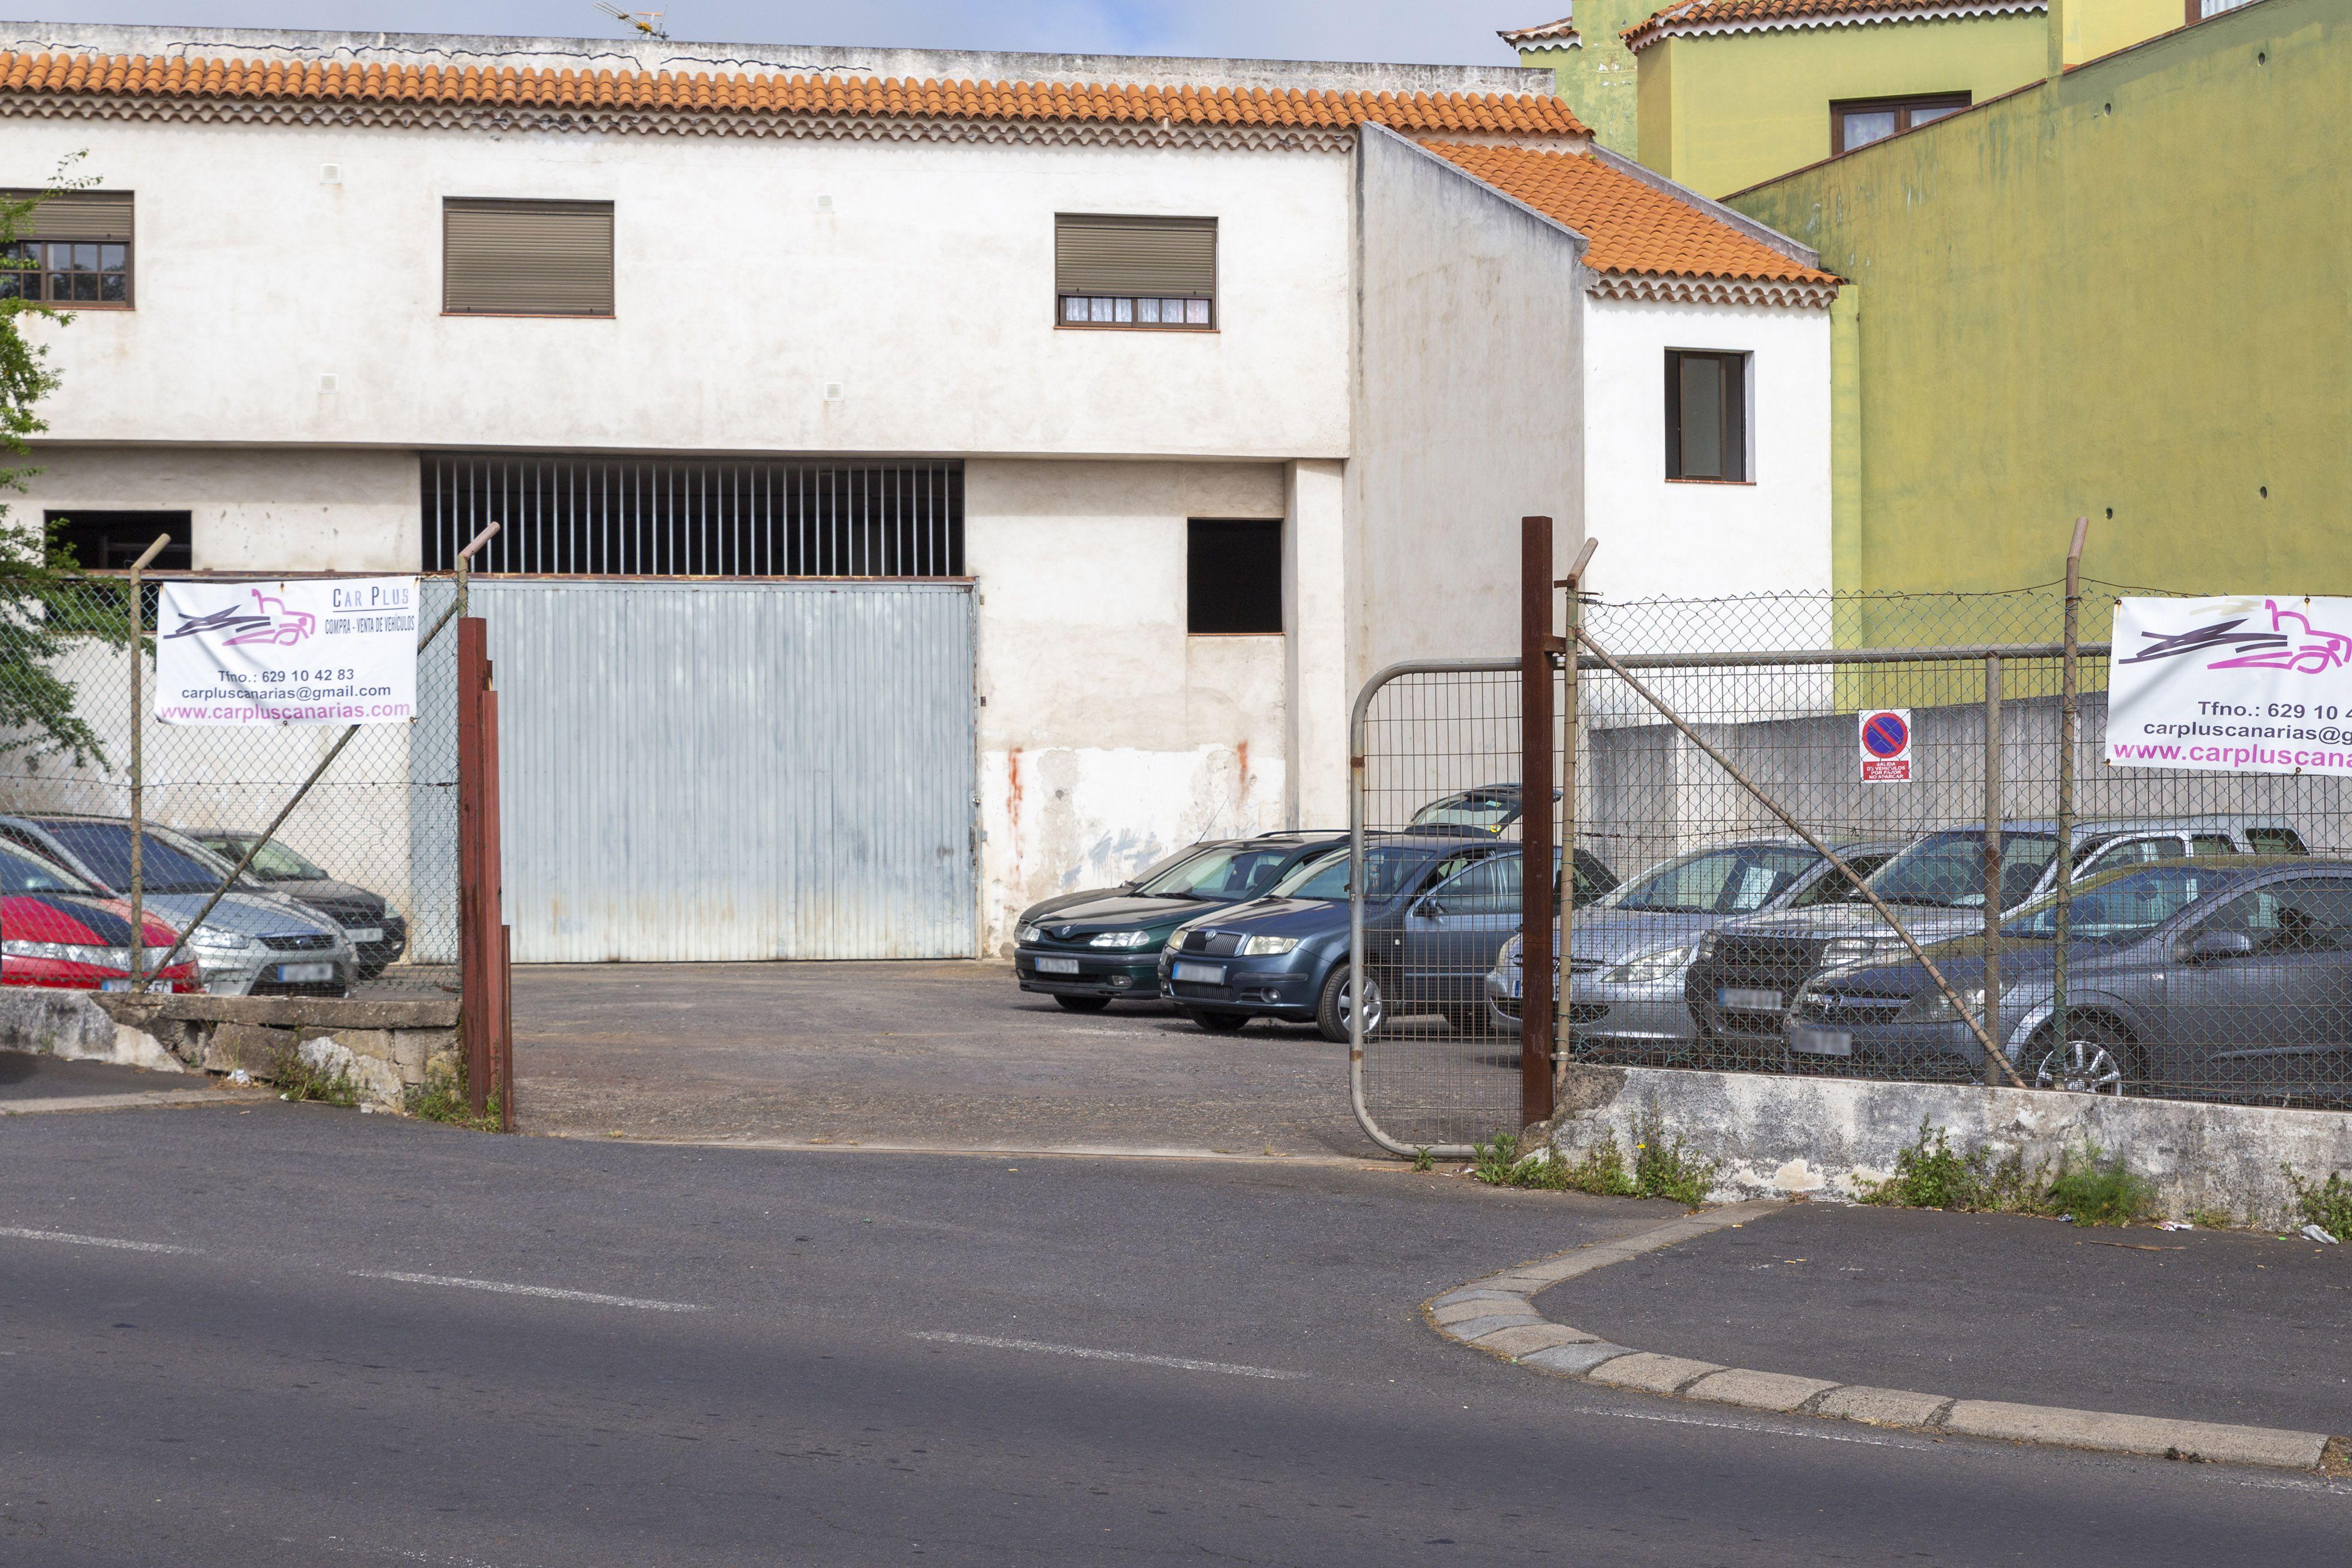 Exterior 2 CAR PLUS CANARIAS